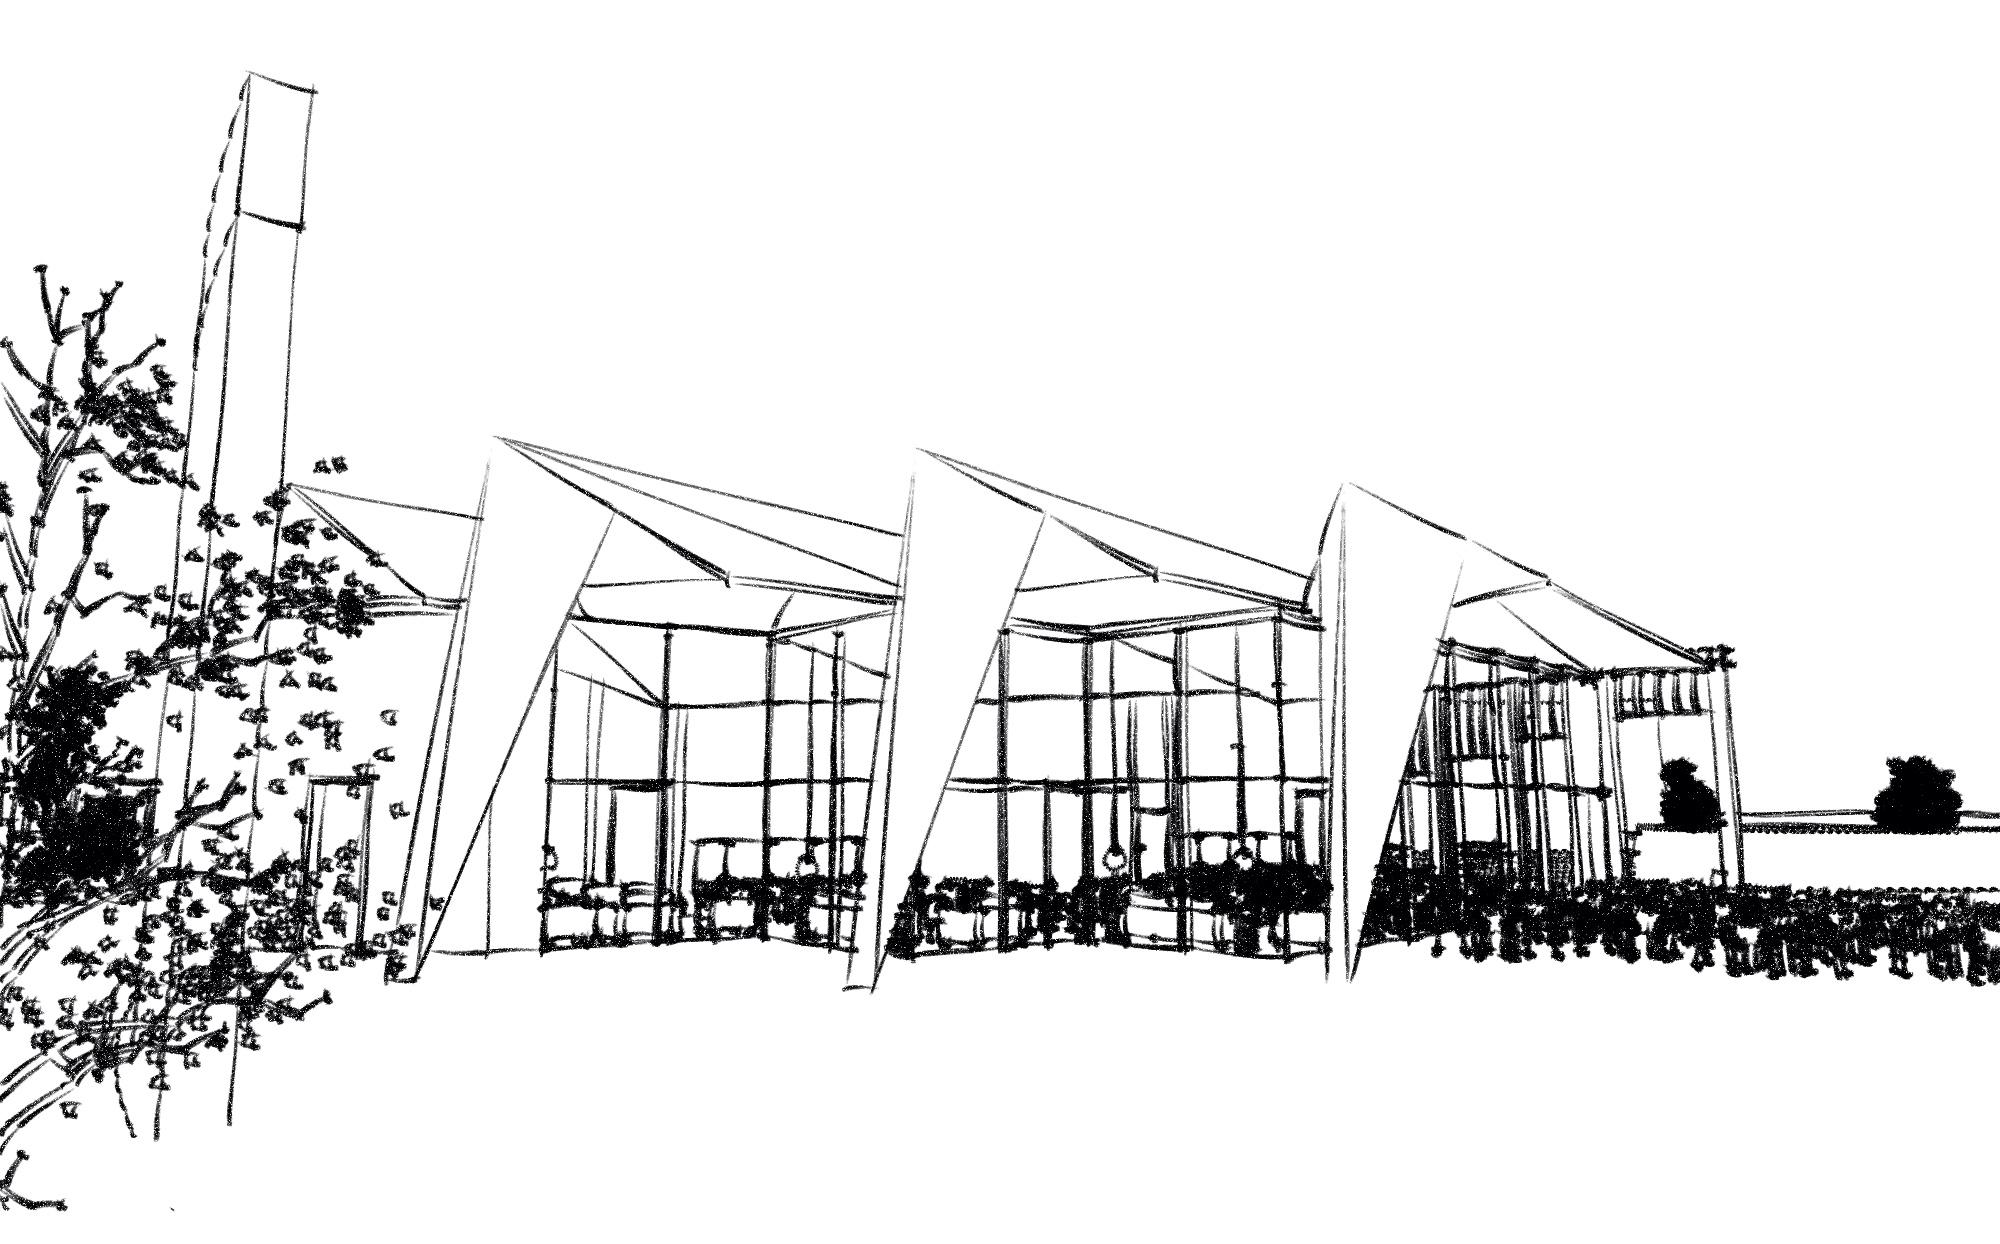 03 Cafe Sketch.jpg